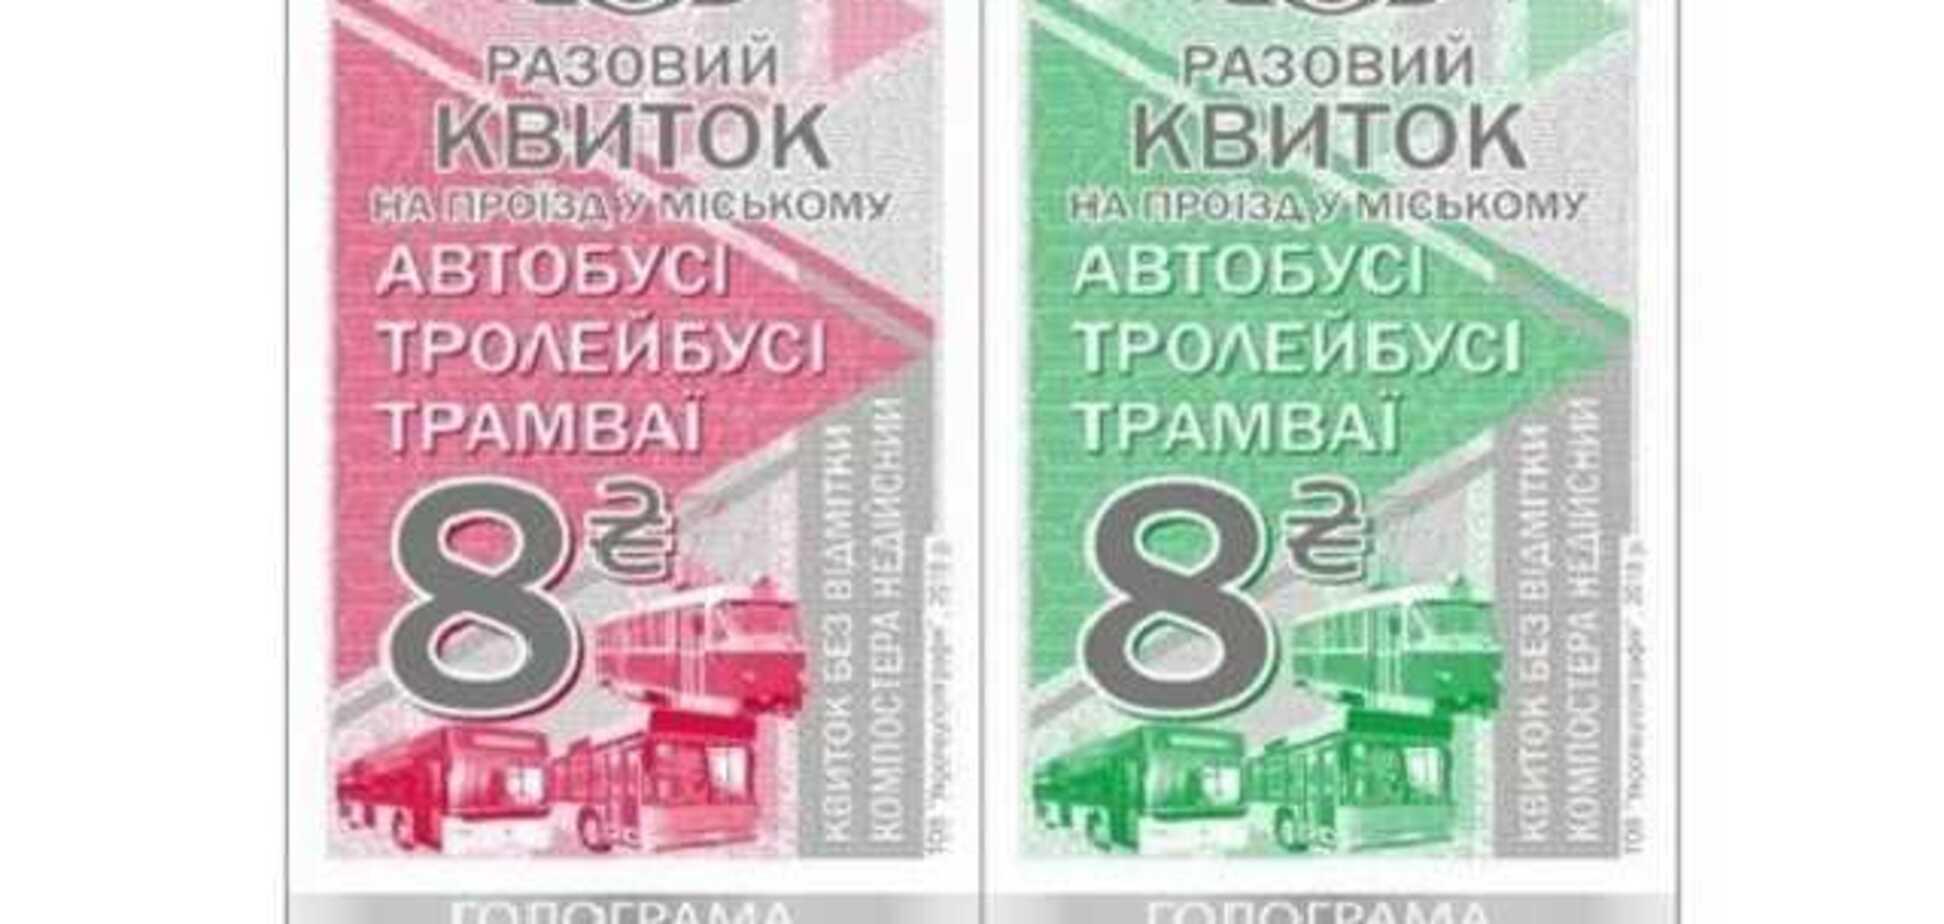 Проїзд по 8 гривень: Київрада поставила крапку